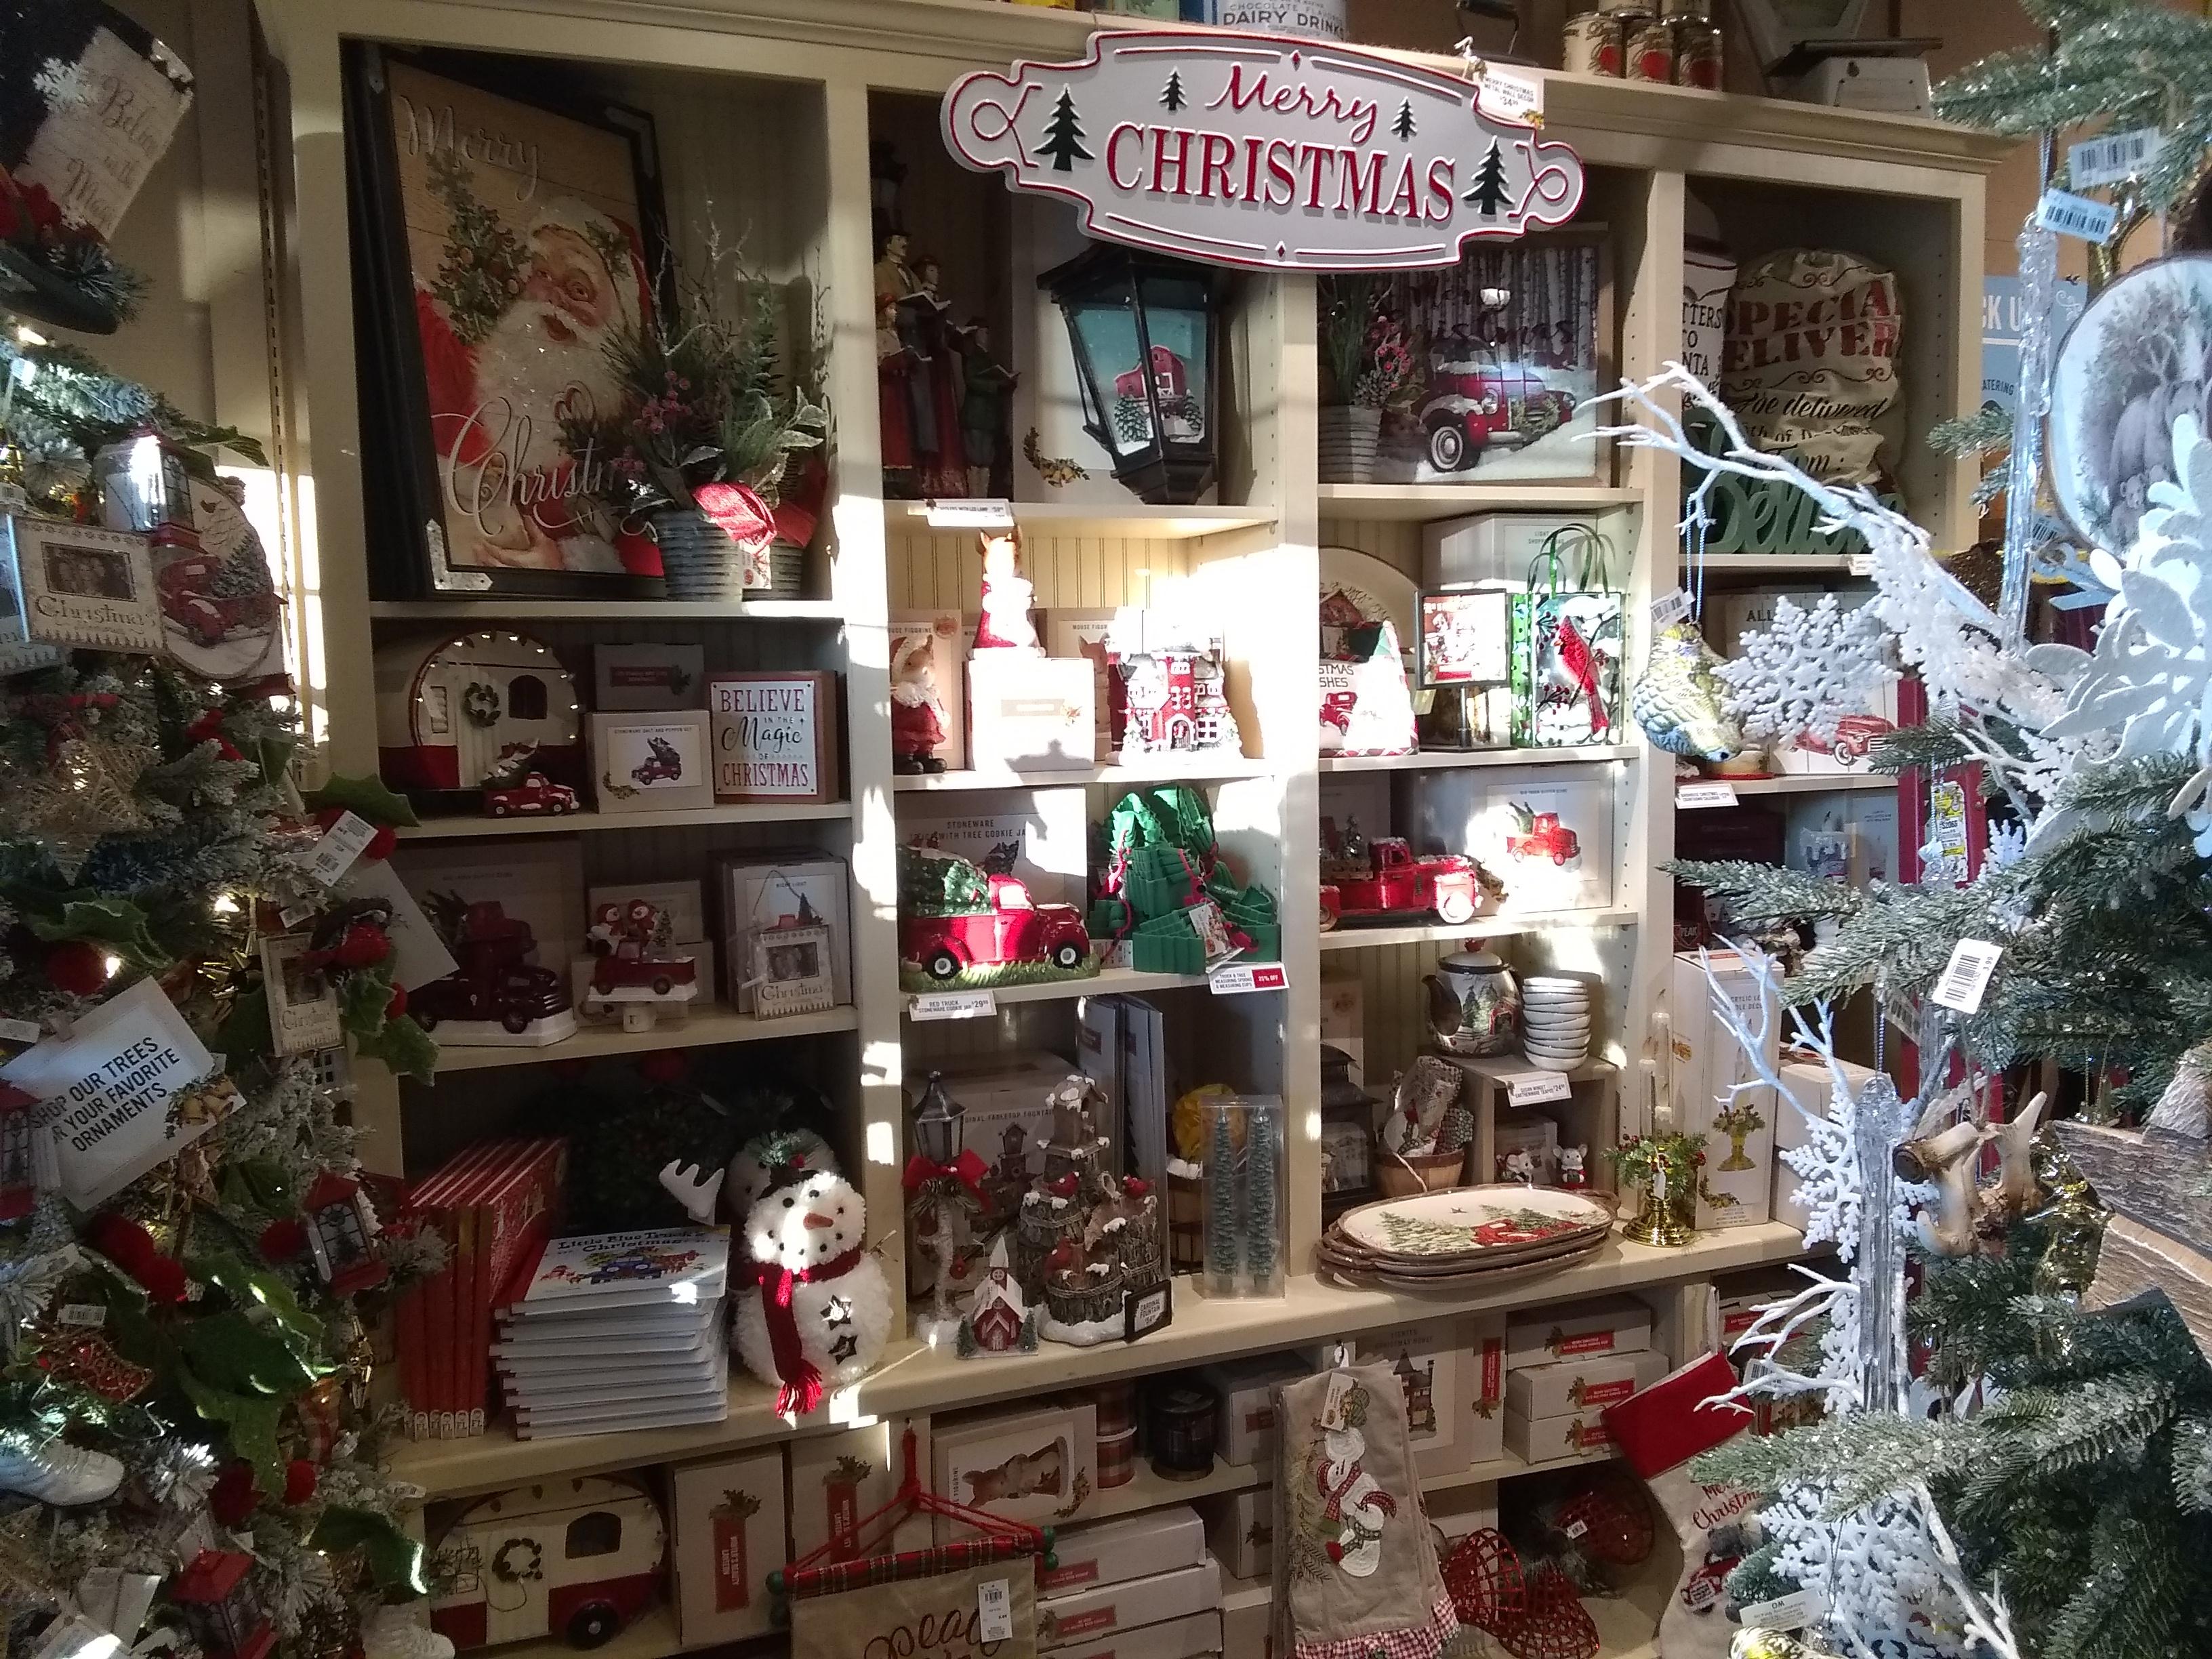 cb Christmas display